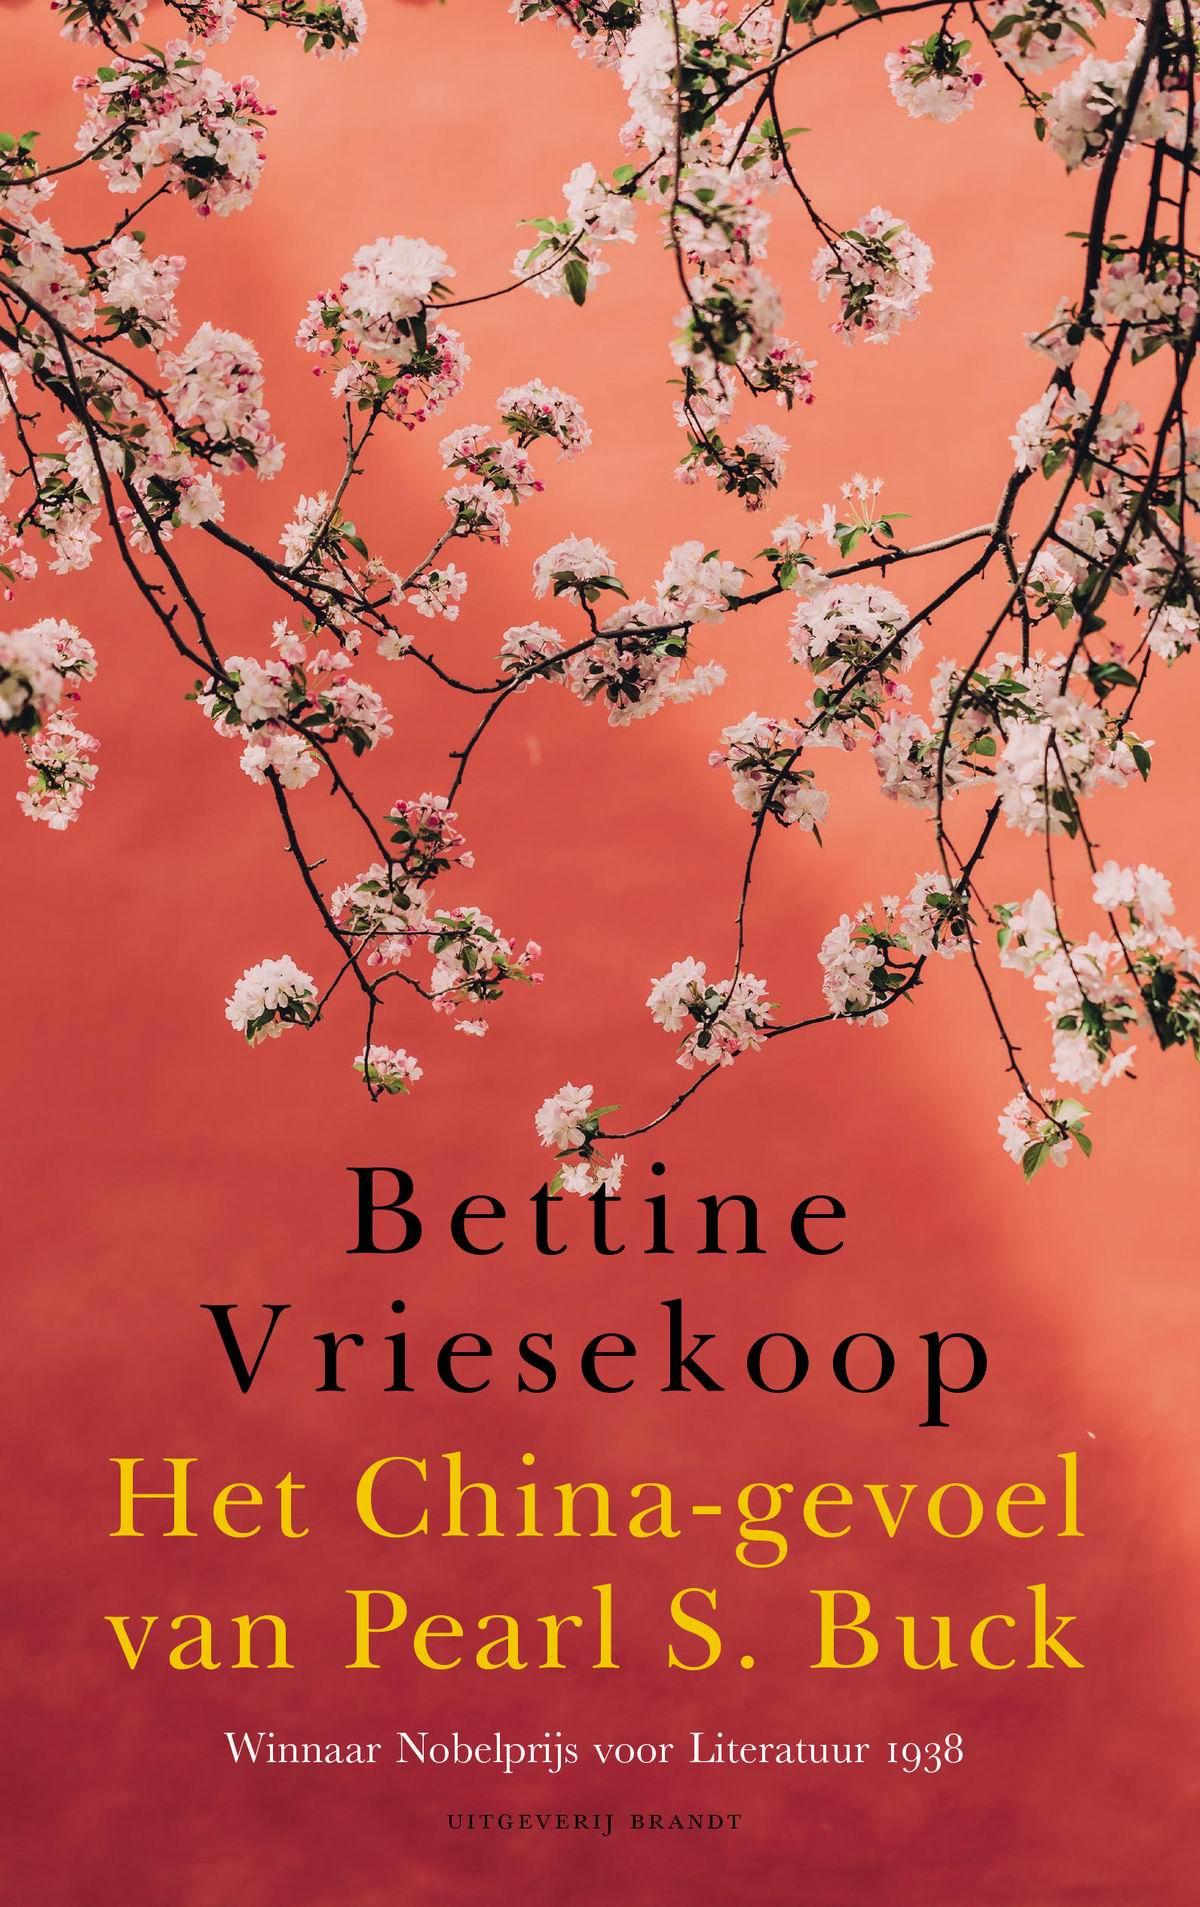 boekomslag-Bettine-Vriesekoop-Het-China-gevoel-van-Pearl-S-Buck